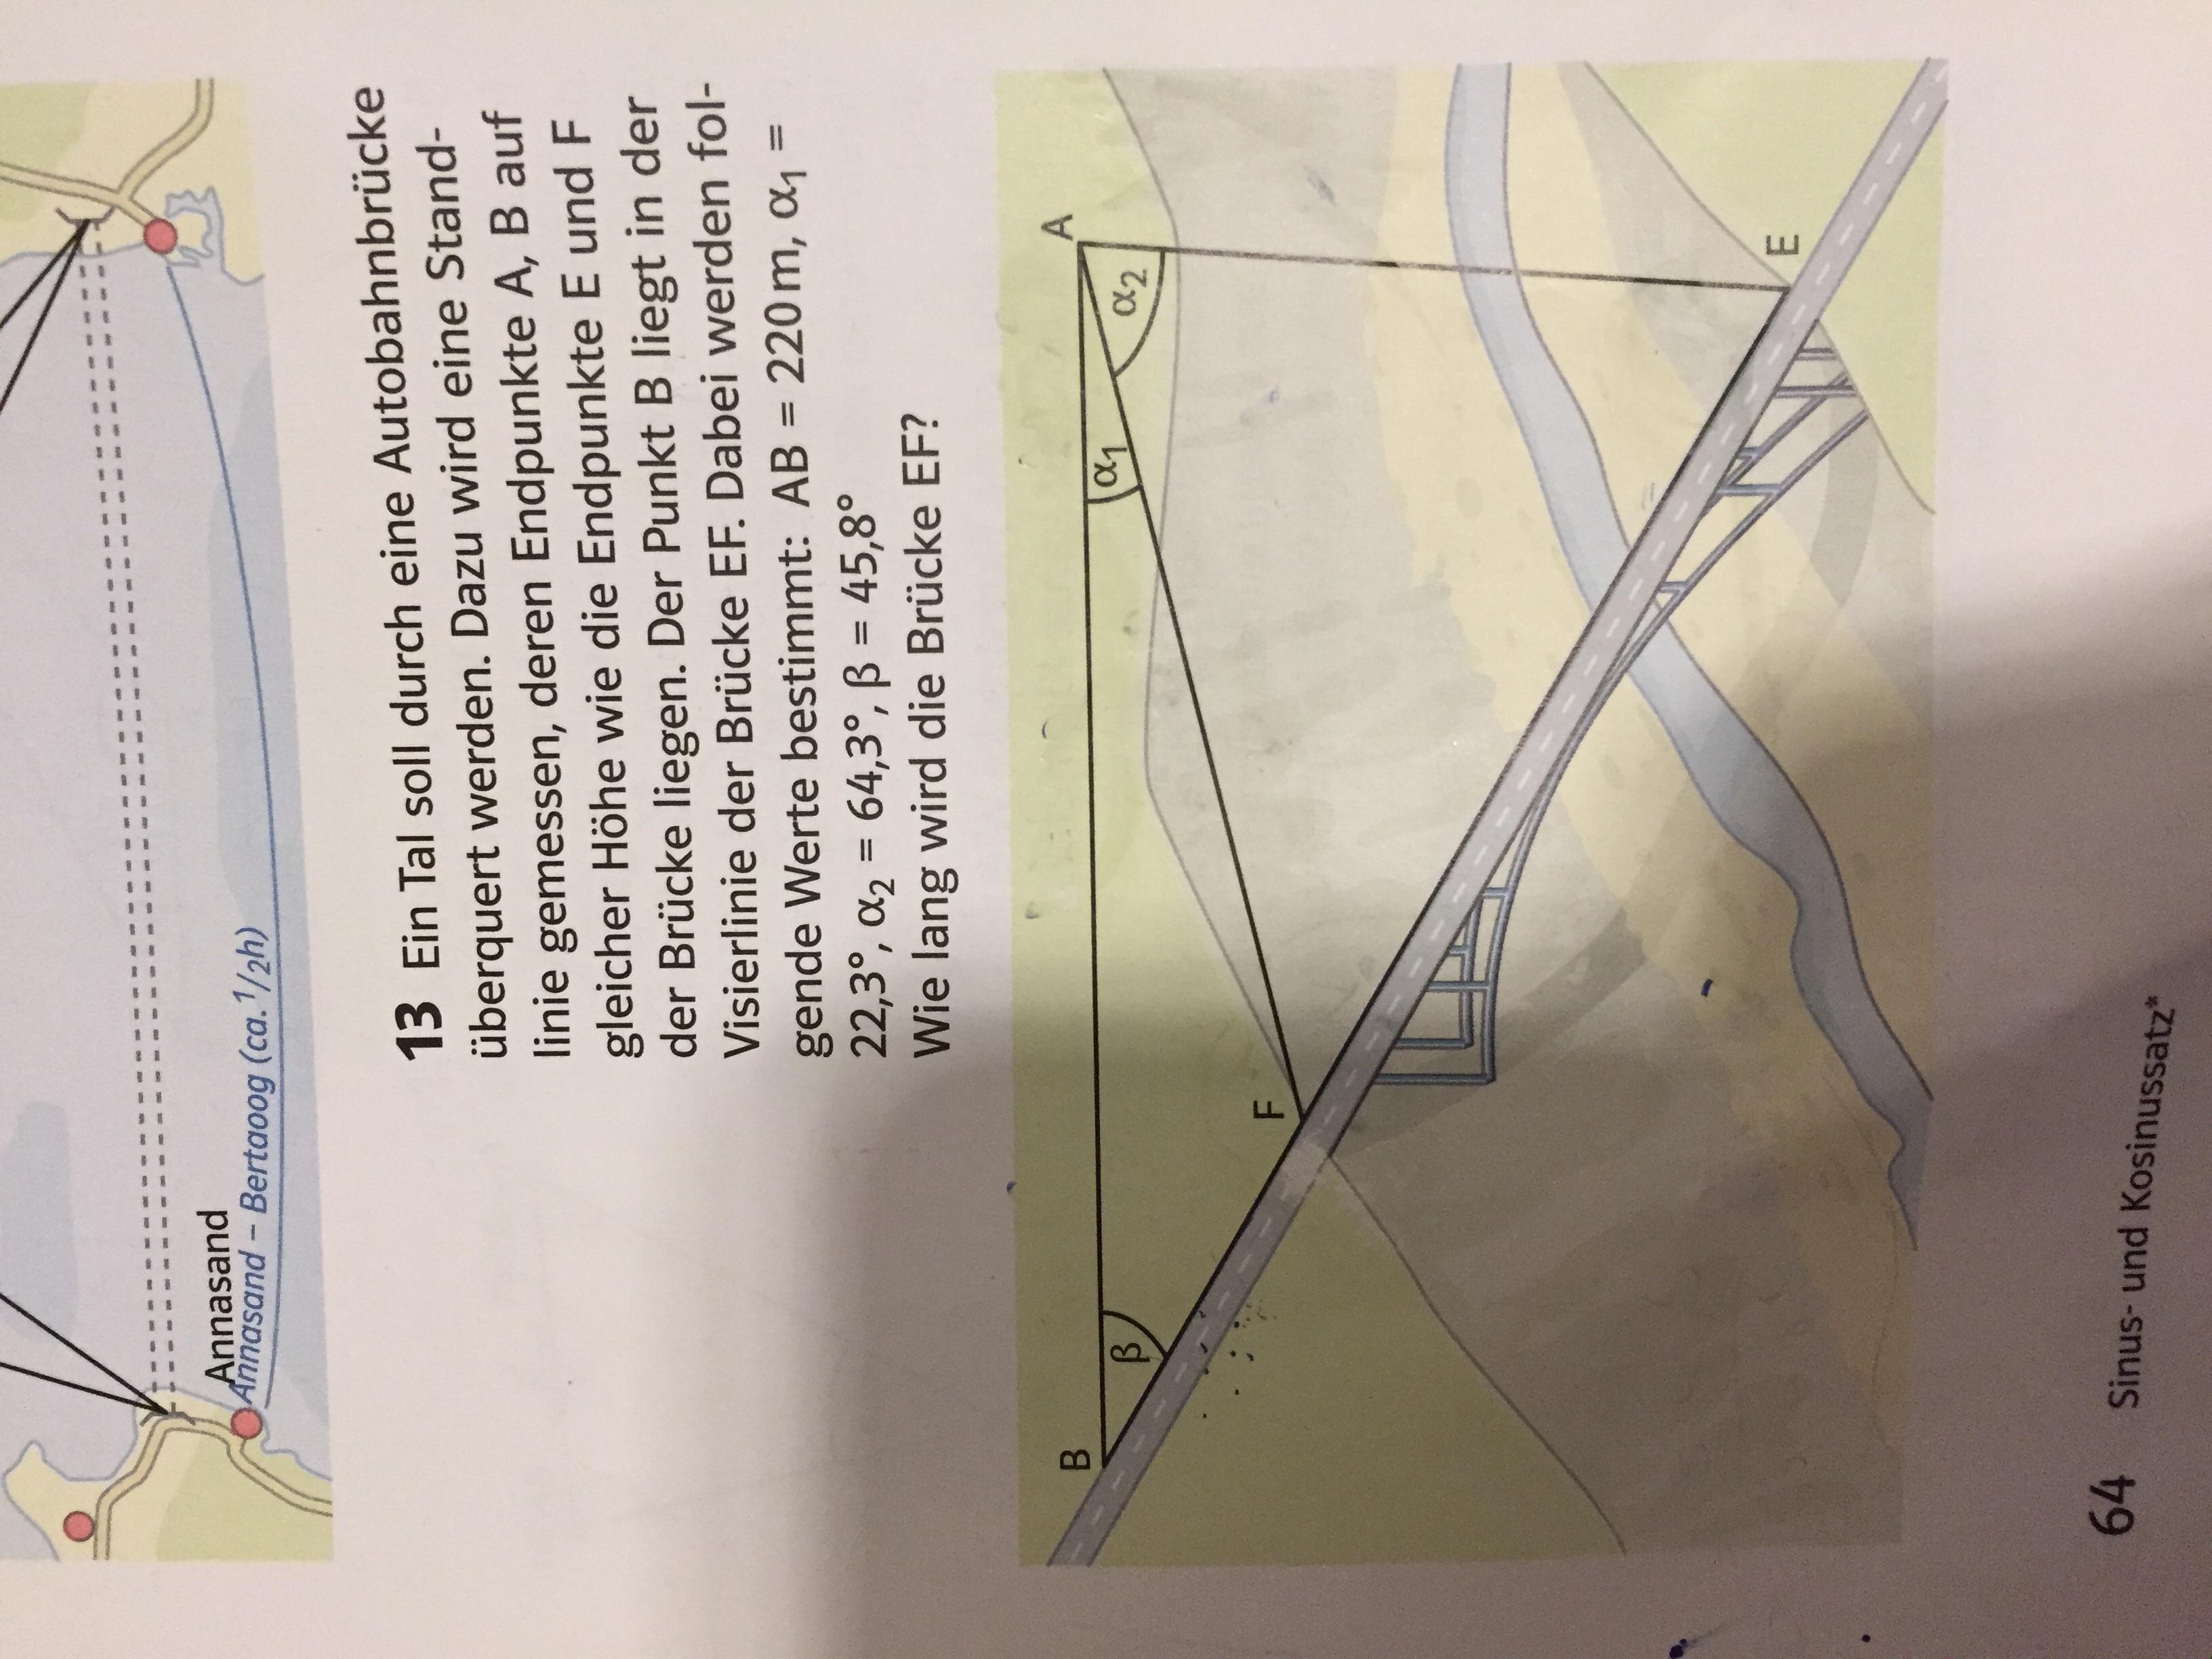 wie berechnet man diese aufgabe mit sinus und kosinussatz mathe mathematik trigonometrie. Black Bedroom Furniture Sets. Home Design Ideas